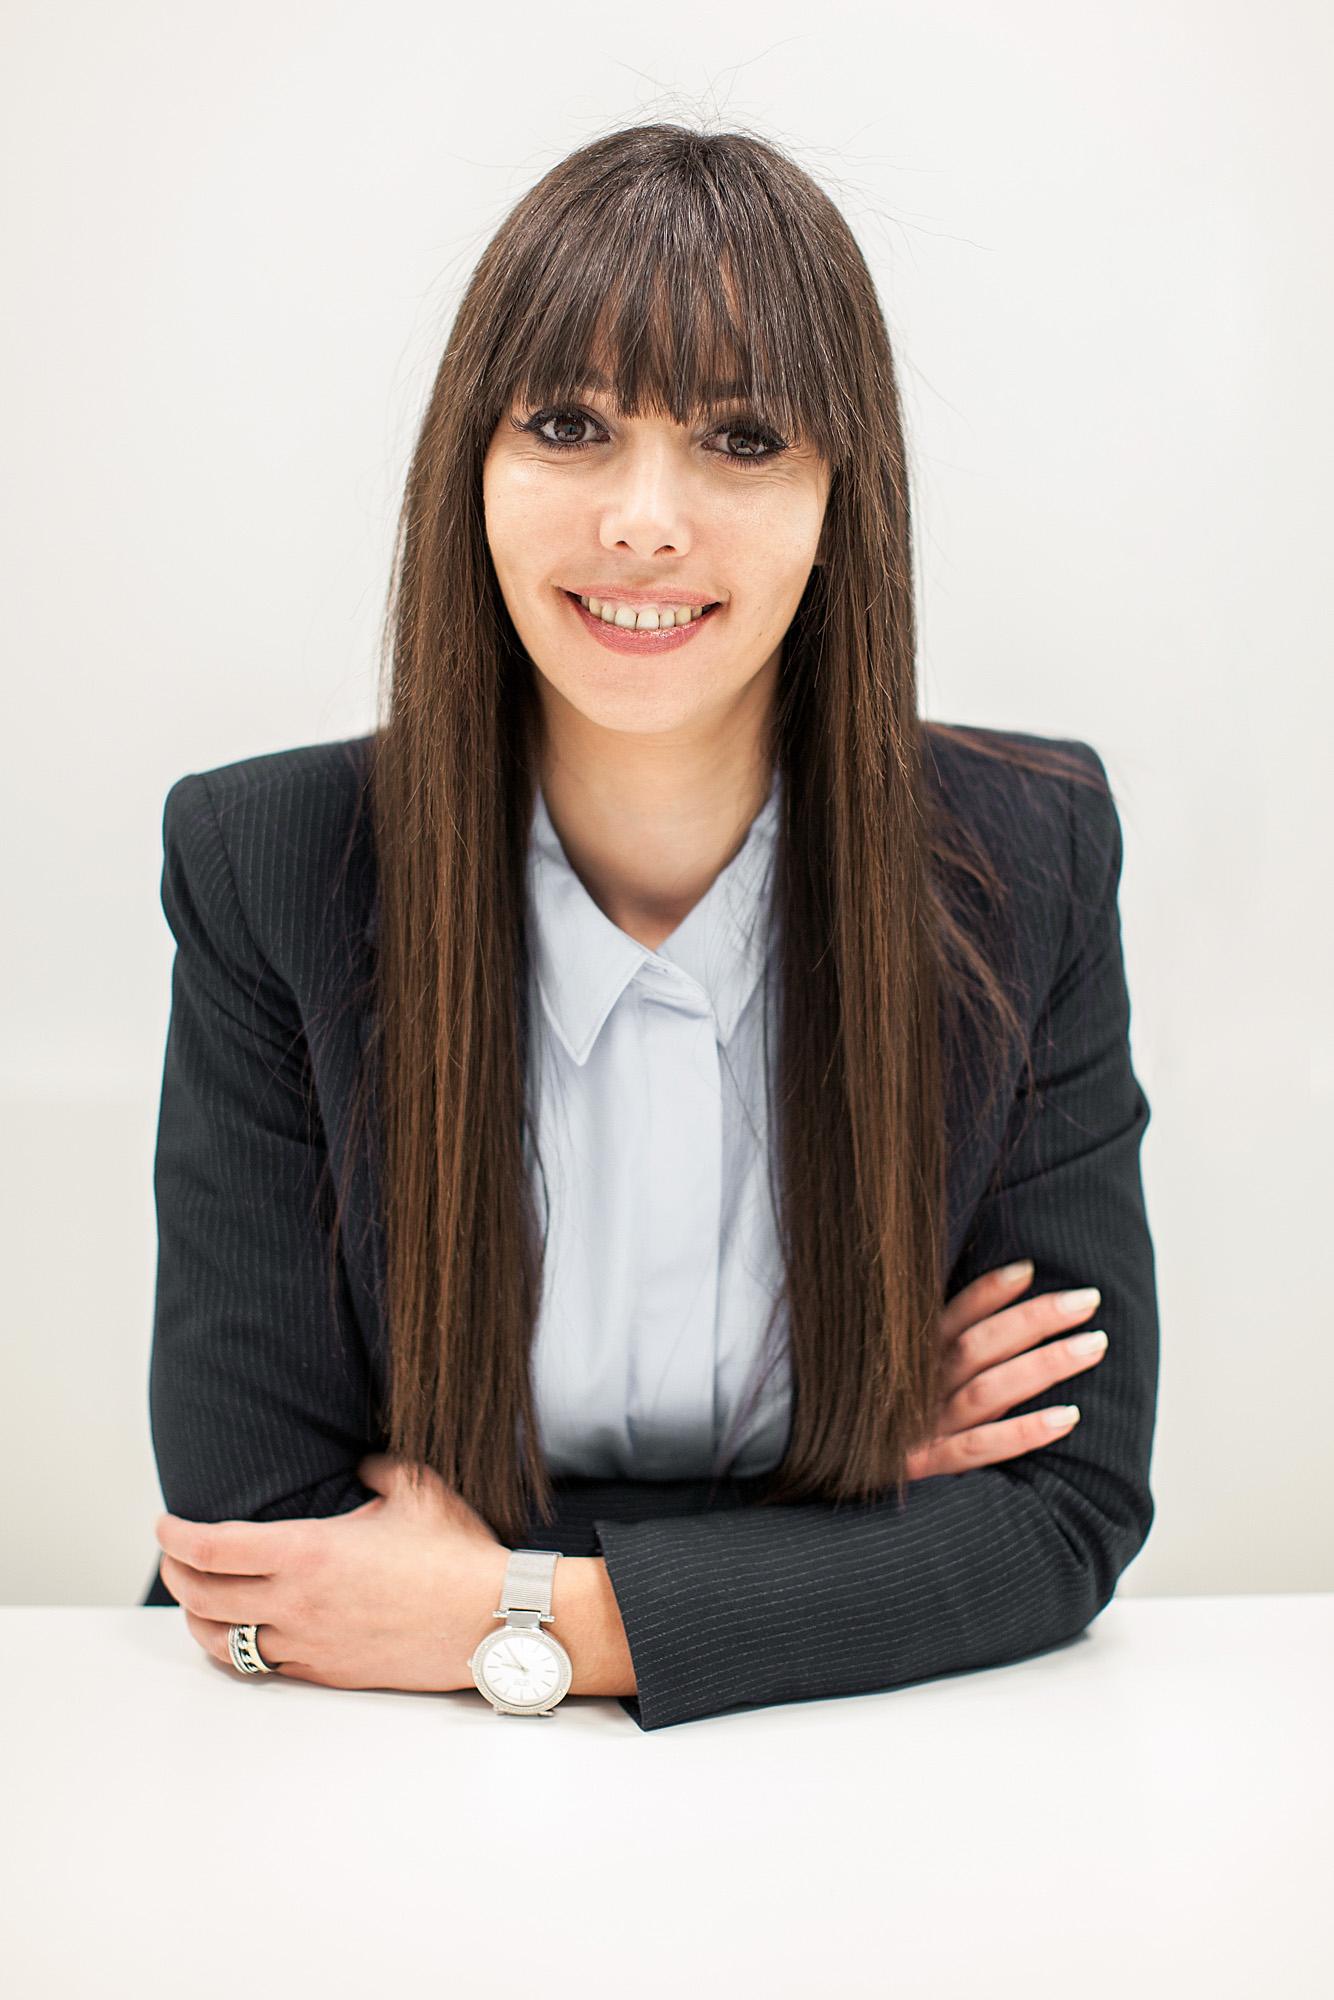 retrato corporativo personal branding fotografia fotografo porto estudio mercadona-5.jpg